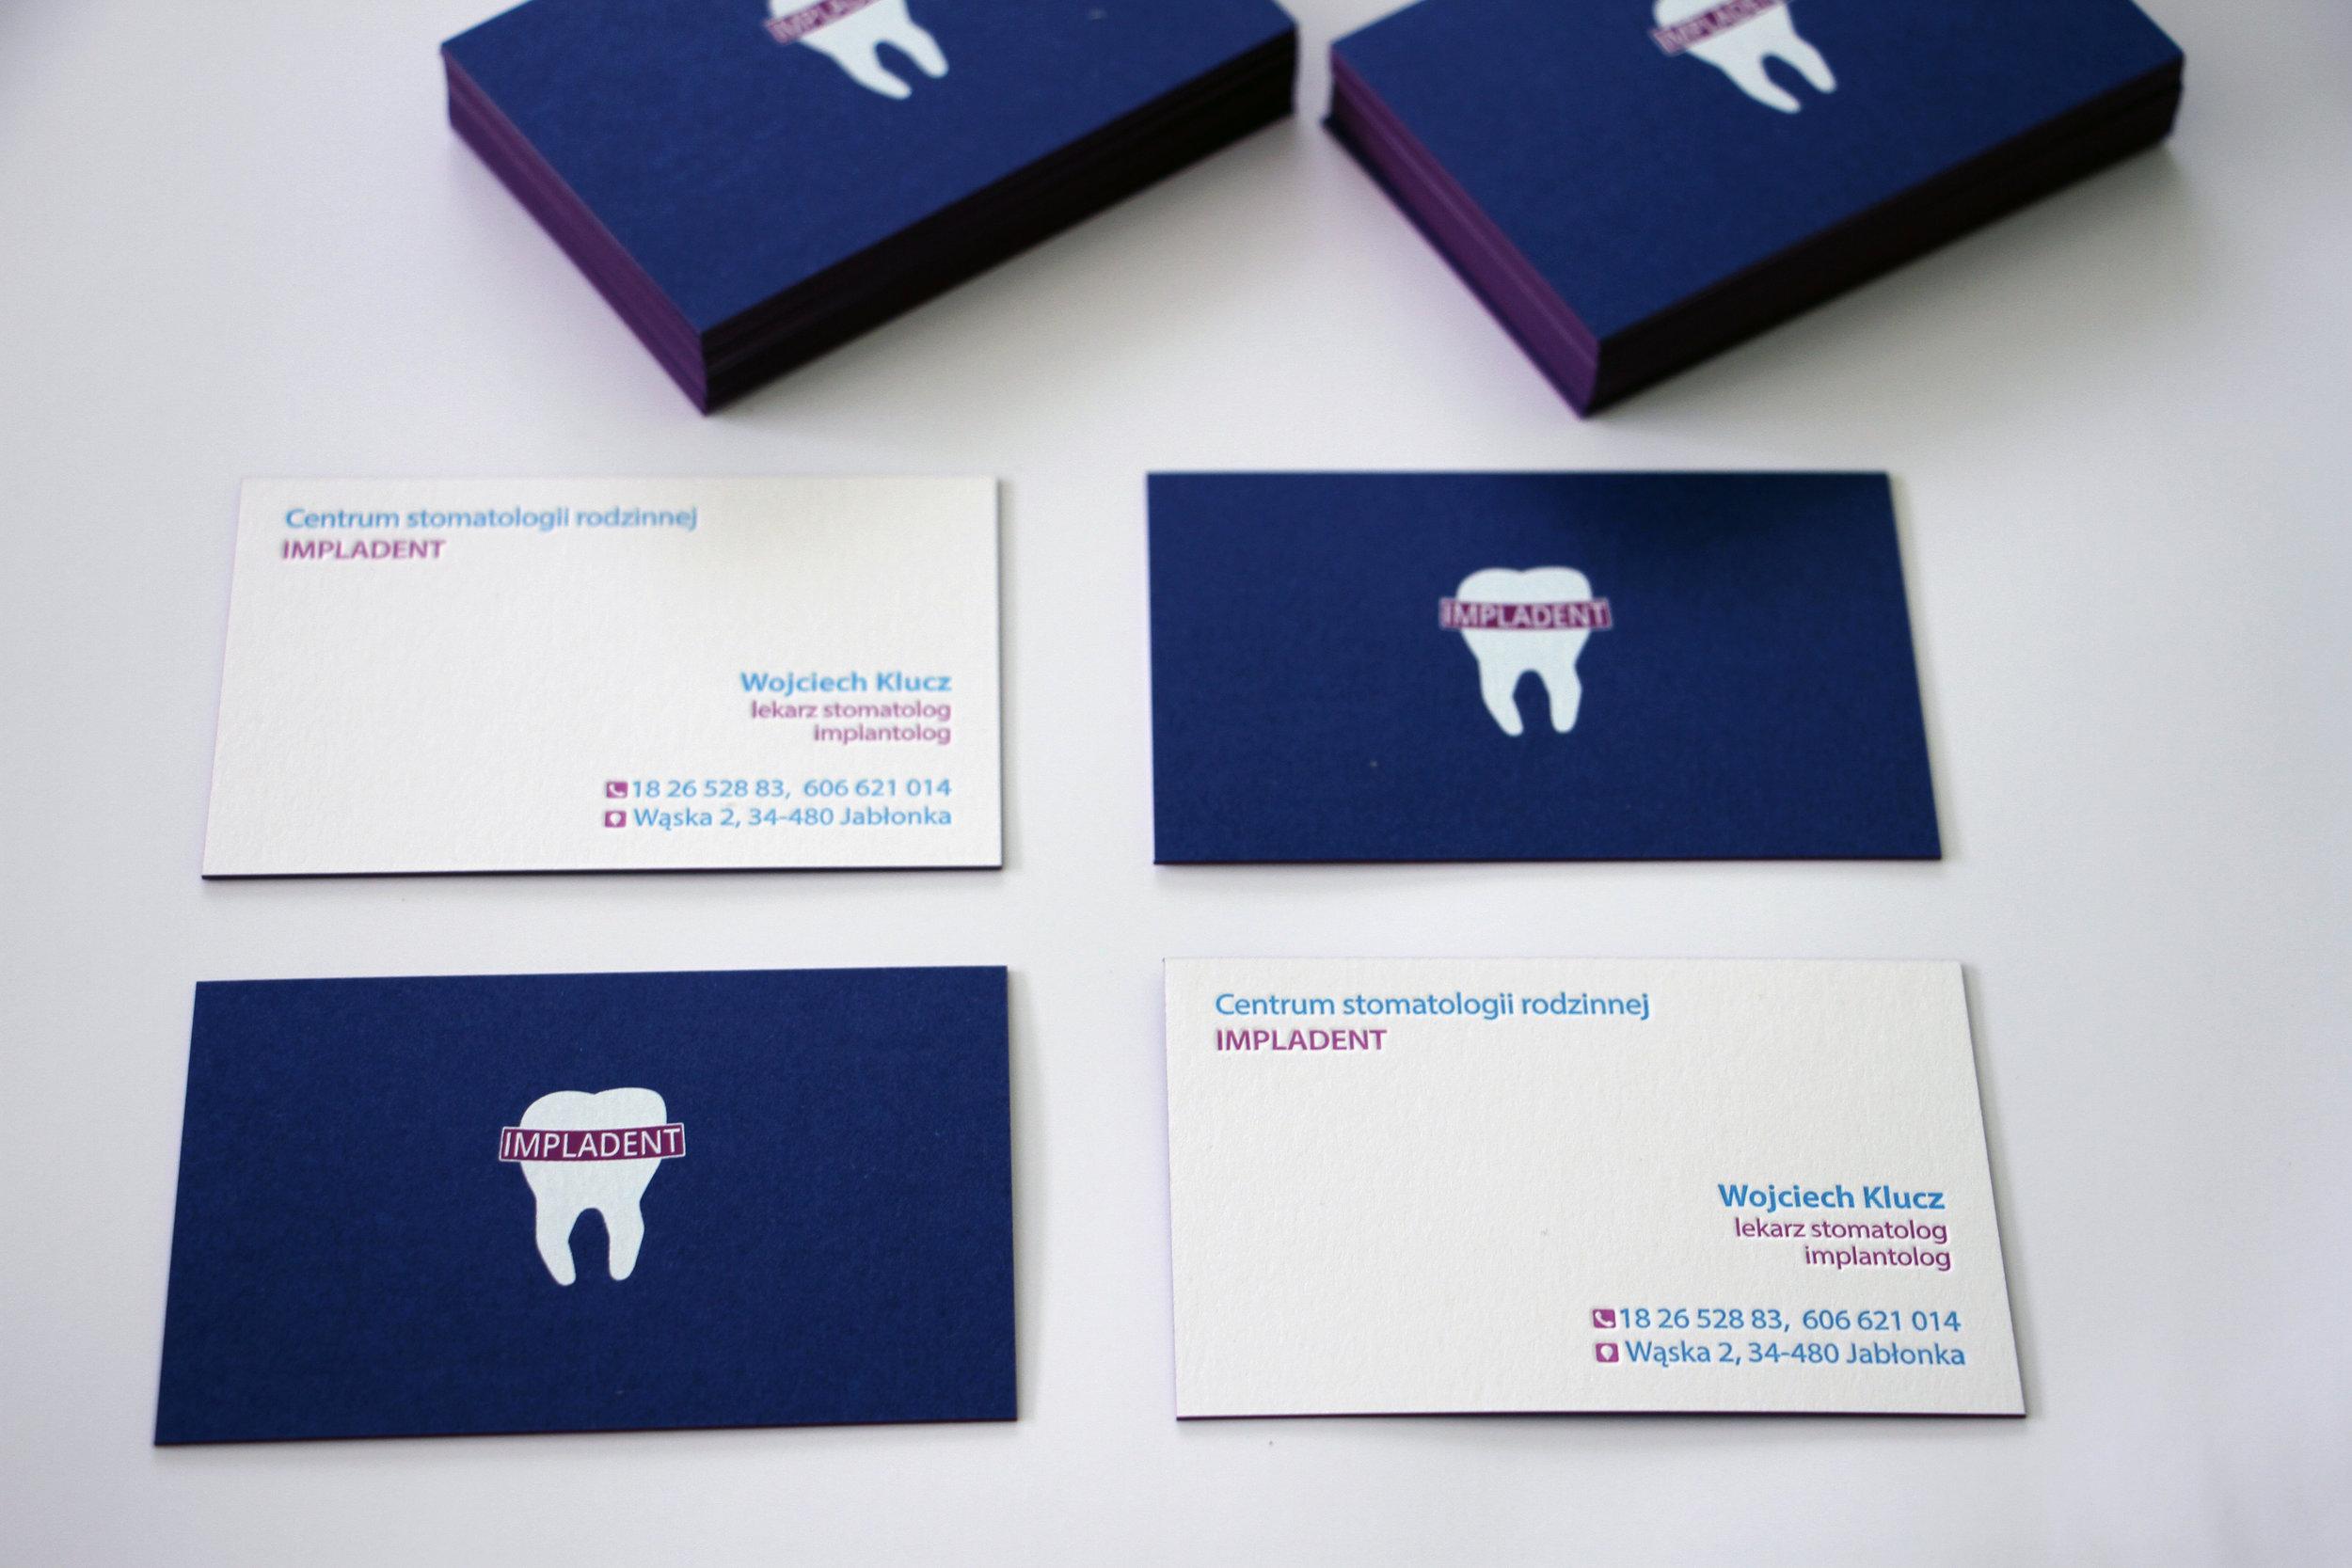 Projekt + wydruk wizytówek 85x54mm, papier kaszerowany Royal Blue oraz Absolute white 300g + letterpress 2 kolory pantone + krawędziowanie. Rewrs sitodruk